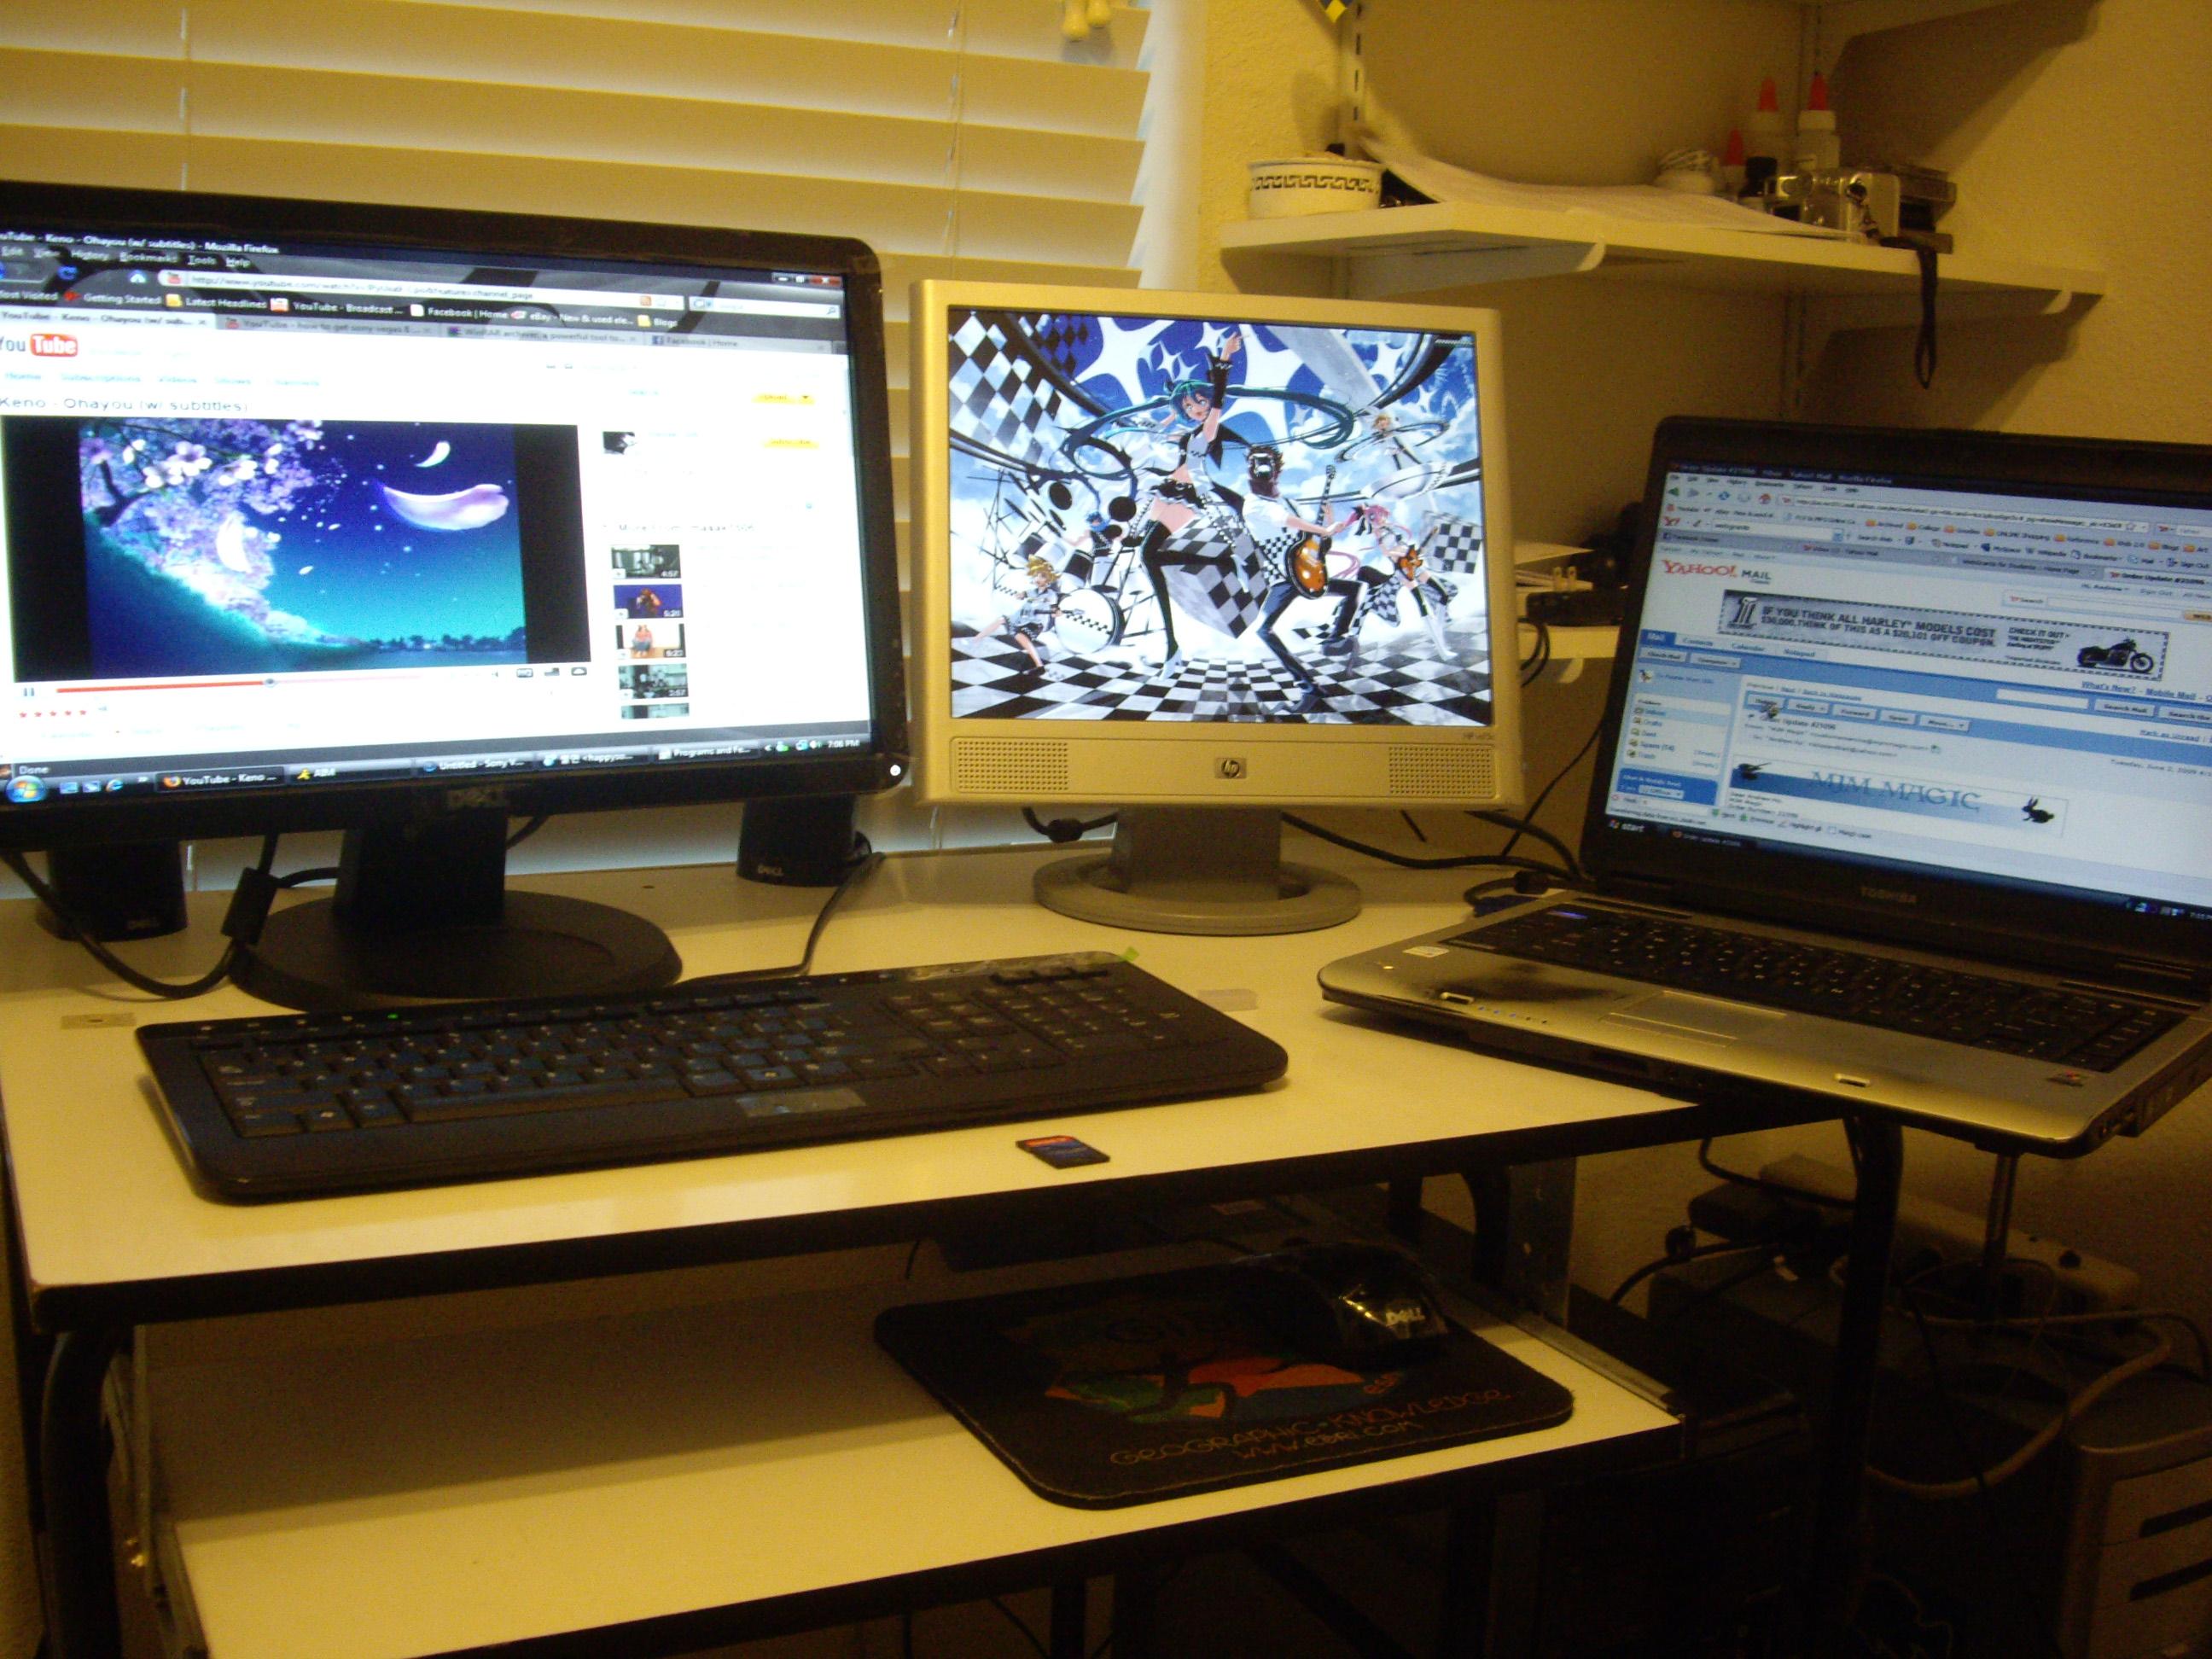 My summer workstation.